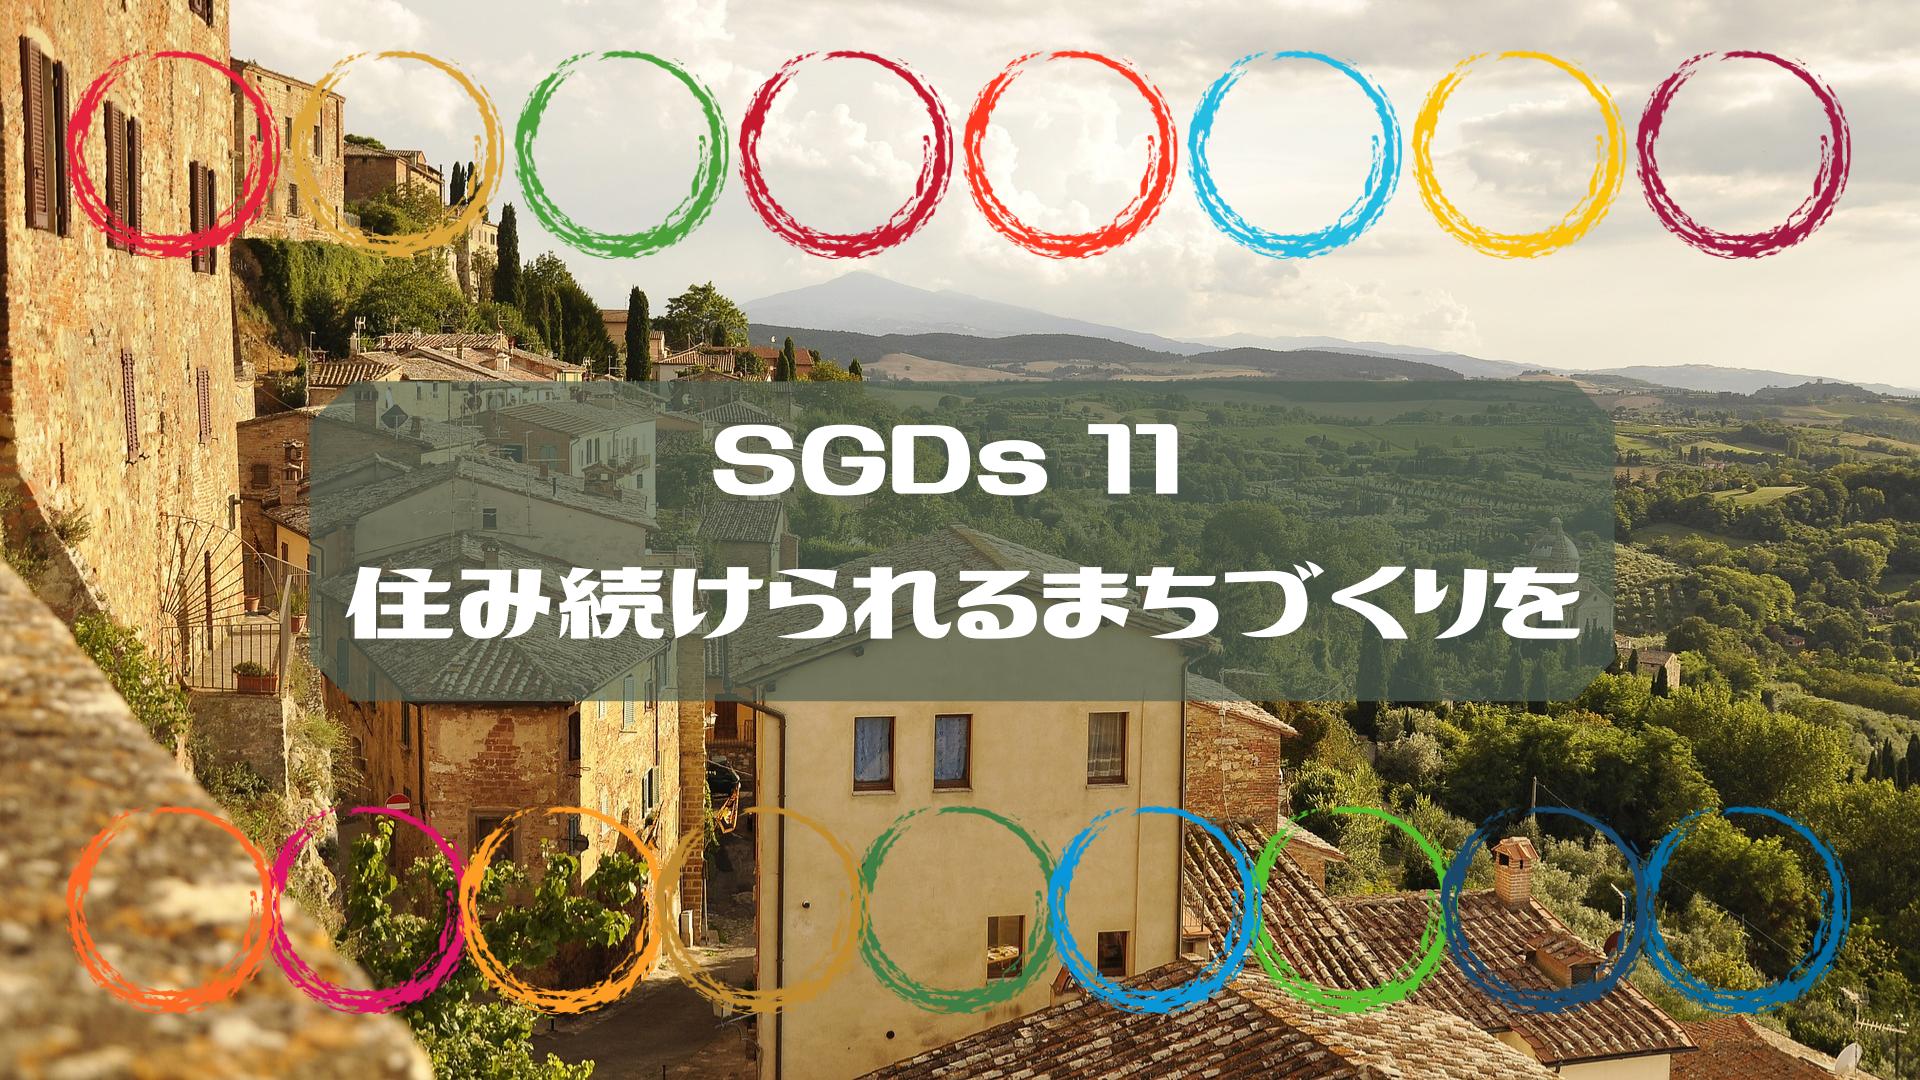 SDGs目標11「住み続けられるまちづくりを」を考える|世界の現状や日本の取り組みも